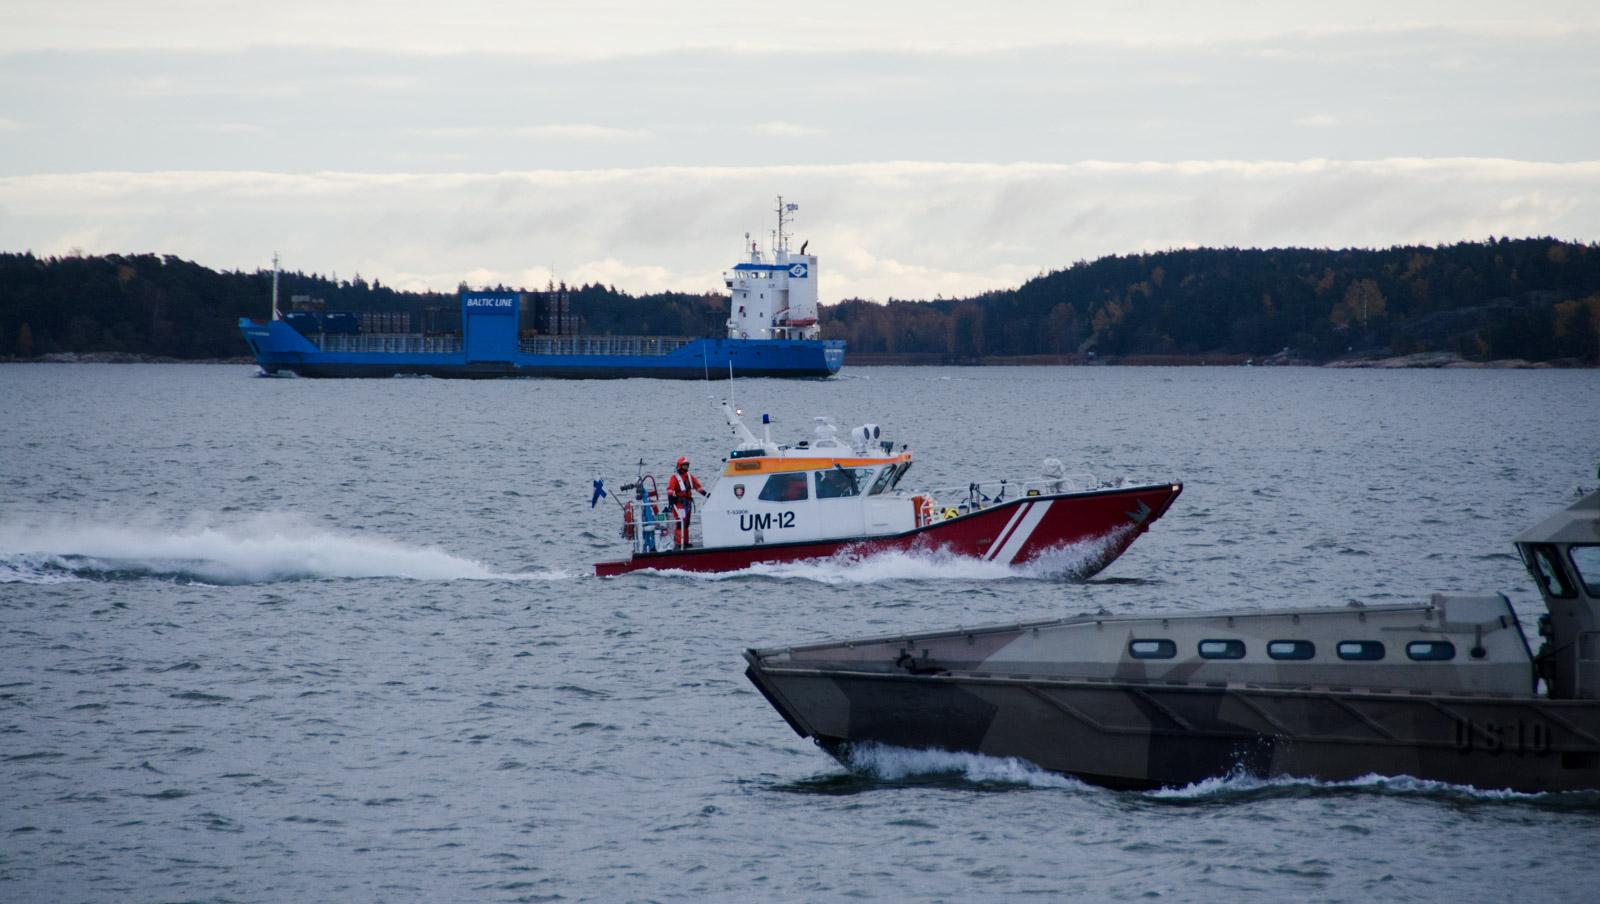 Neste 2017 -suuronnettomuusharjoituksen lähtökohtana oli matkustaja-aluksen ja öljytankkerin yhteentörmäys Turun ja Naantalin satamiin johtavalla väylällä. Mittavan harjoituksen kokonaisvahvuus nousi noin 300 henkeen.